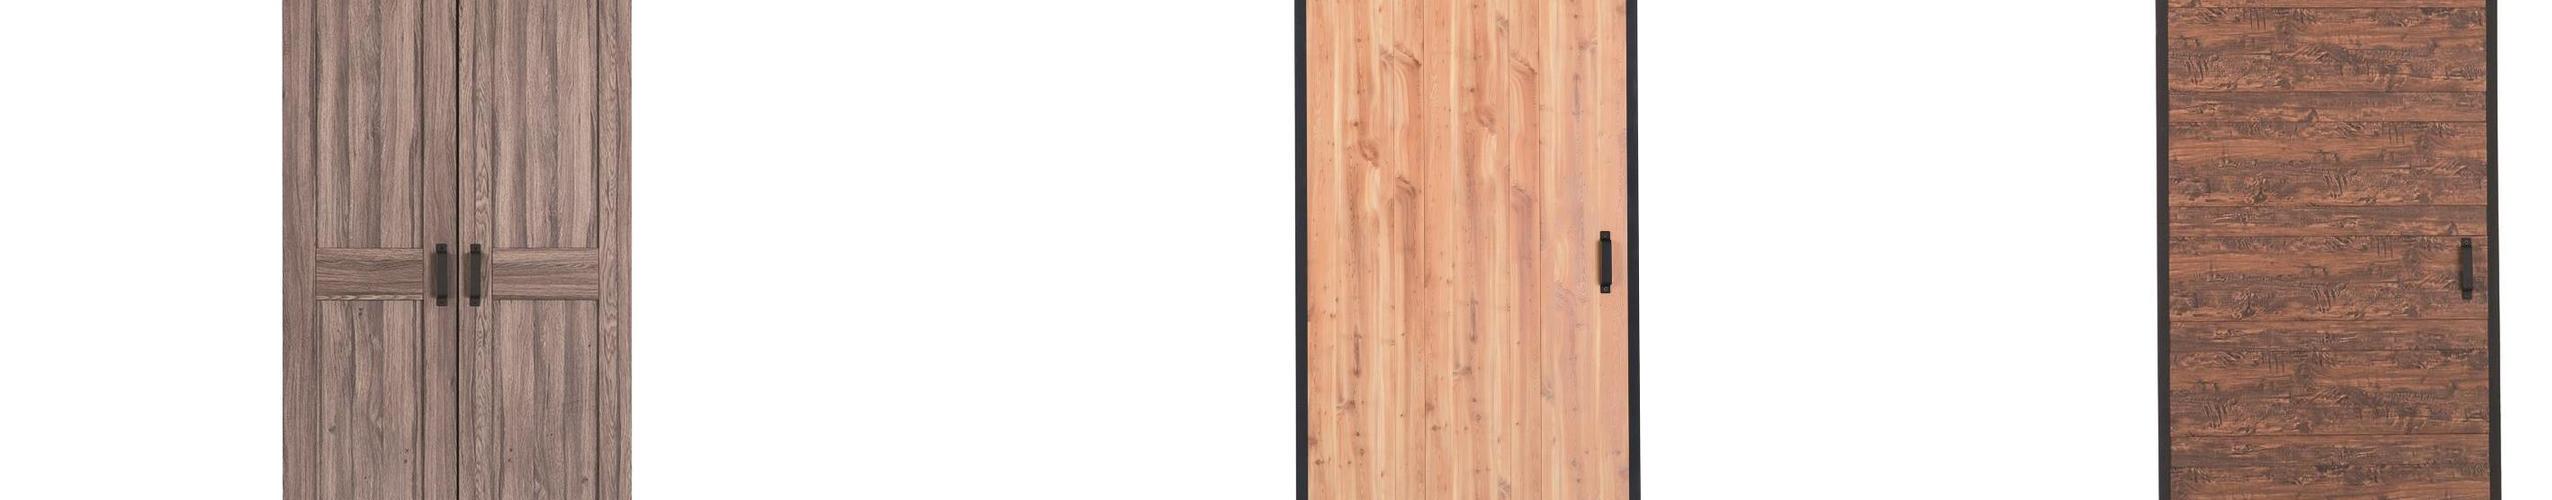 Reliabilt Barn Doors Amp Hardware Kits For 199 Reg 379